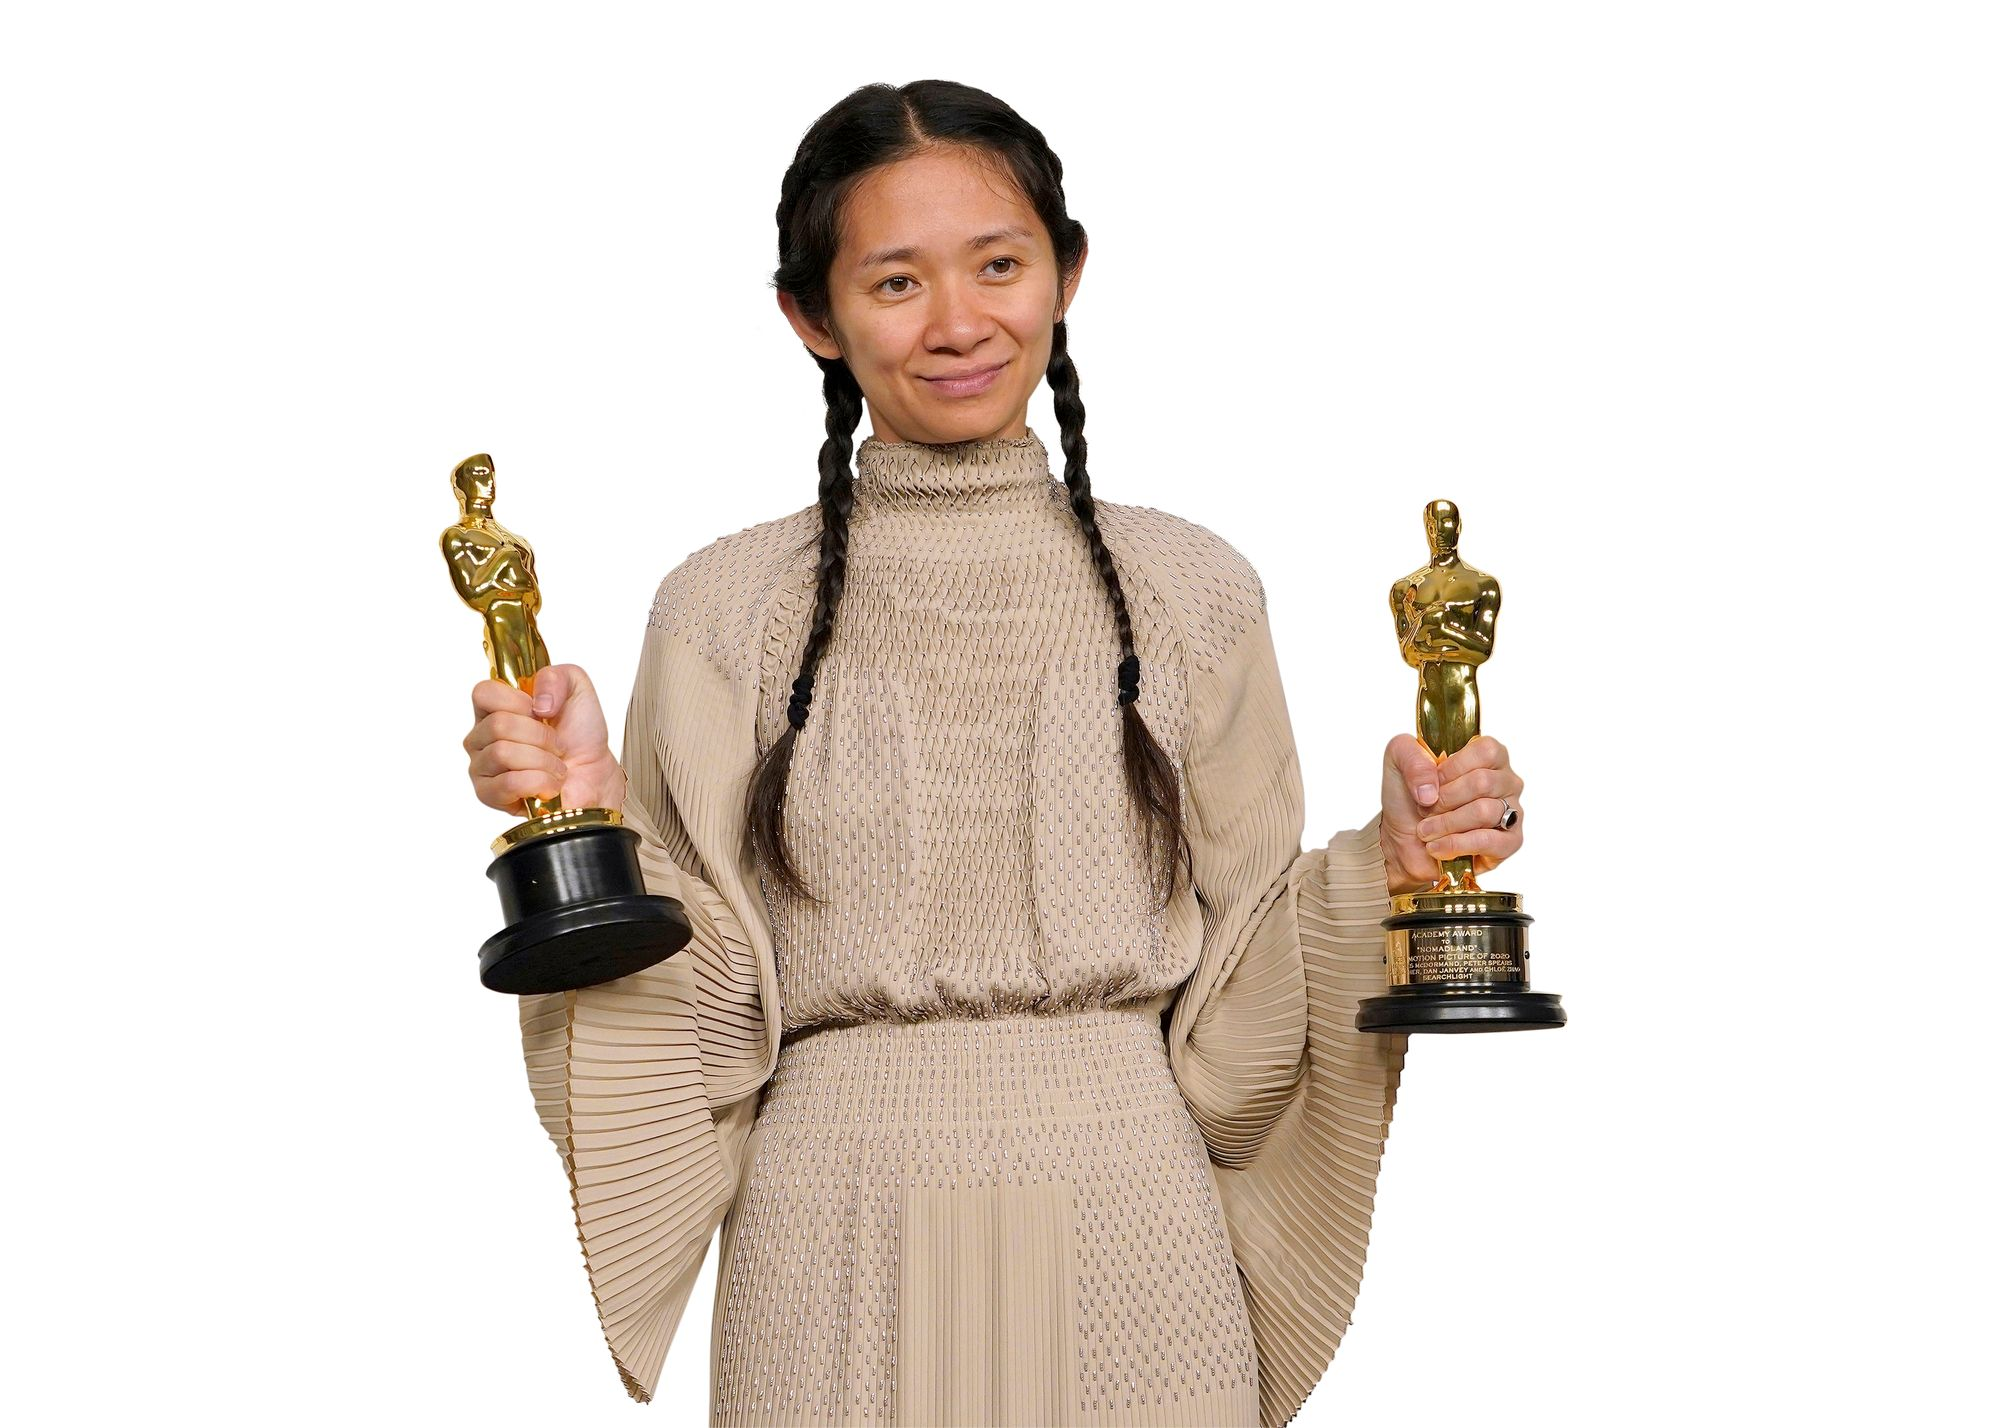 Ohjaaja Chloé Zhao teki Oscar-historiaa: hän oli vasta toinen nainen ja ensimmäinen aasialaissyntyinen nainen, joka palkittiin parhaasta ohjauksesta. © AP / MEGA / The Mega Agency / MVPhotos